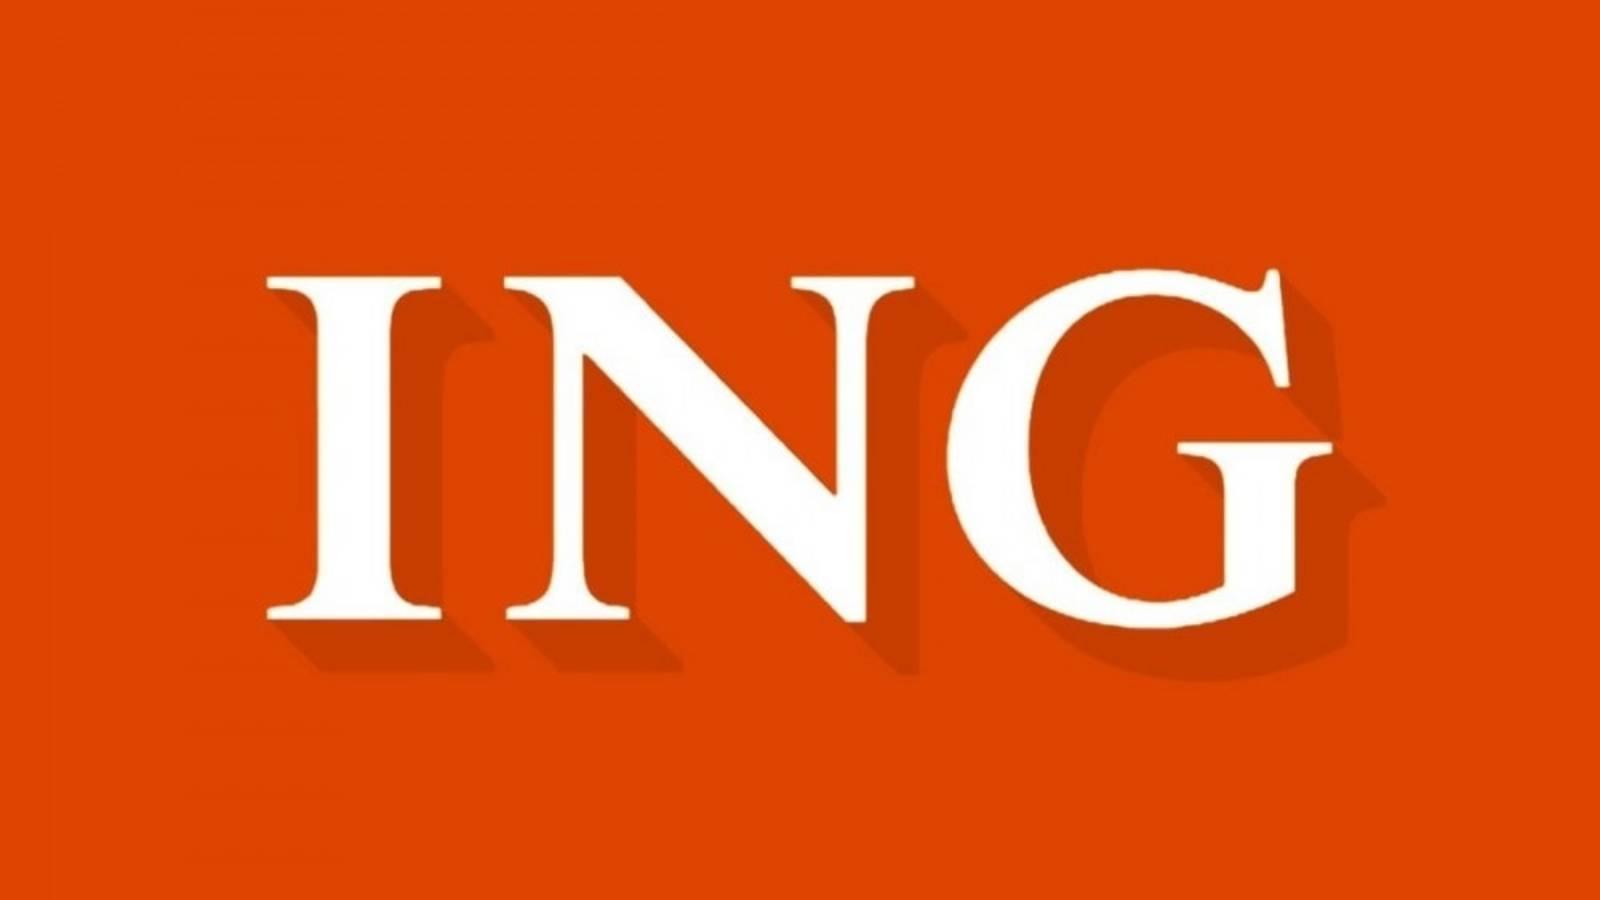 ING Bank solutie